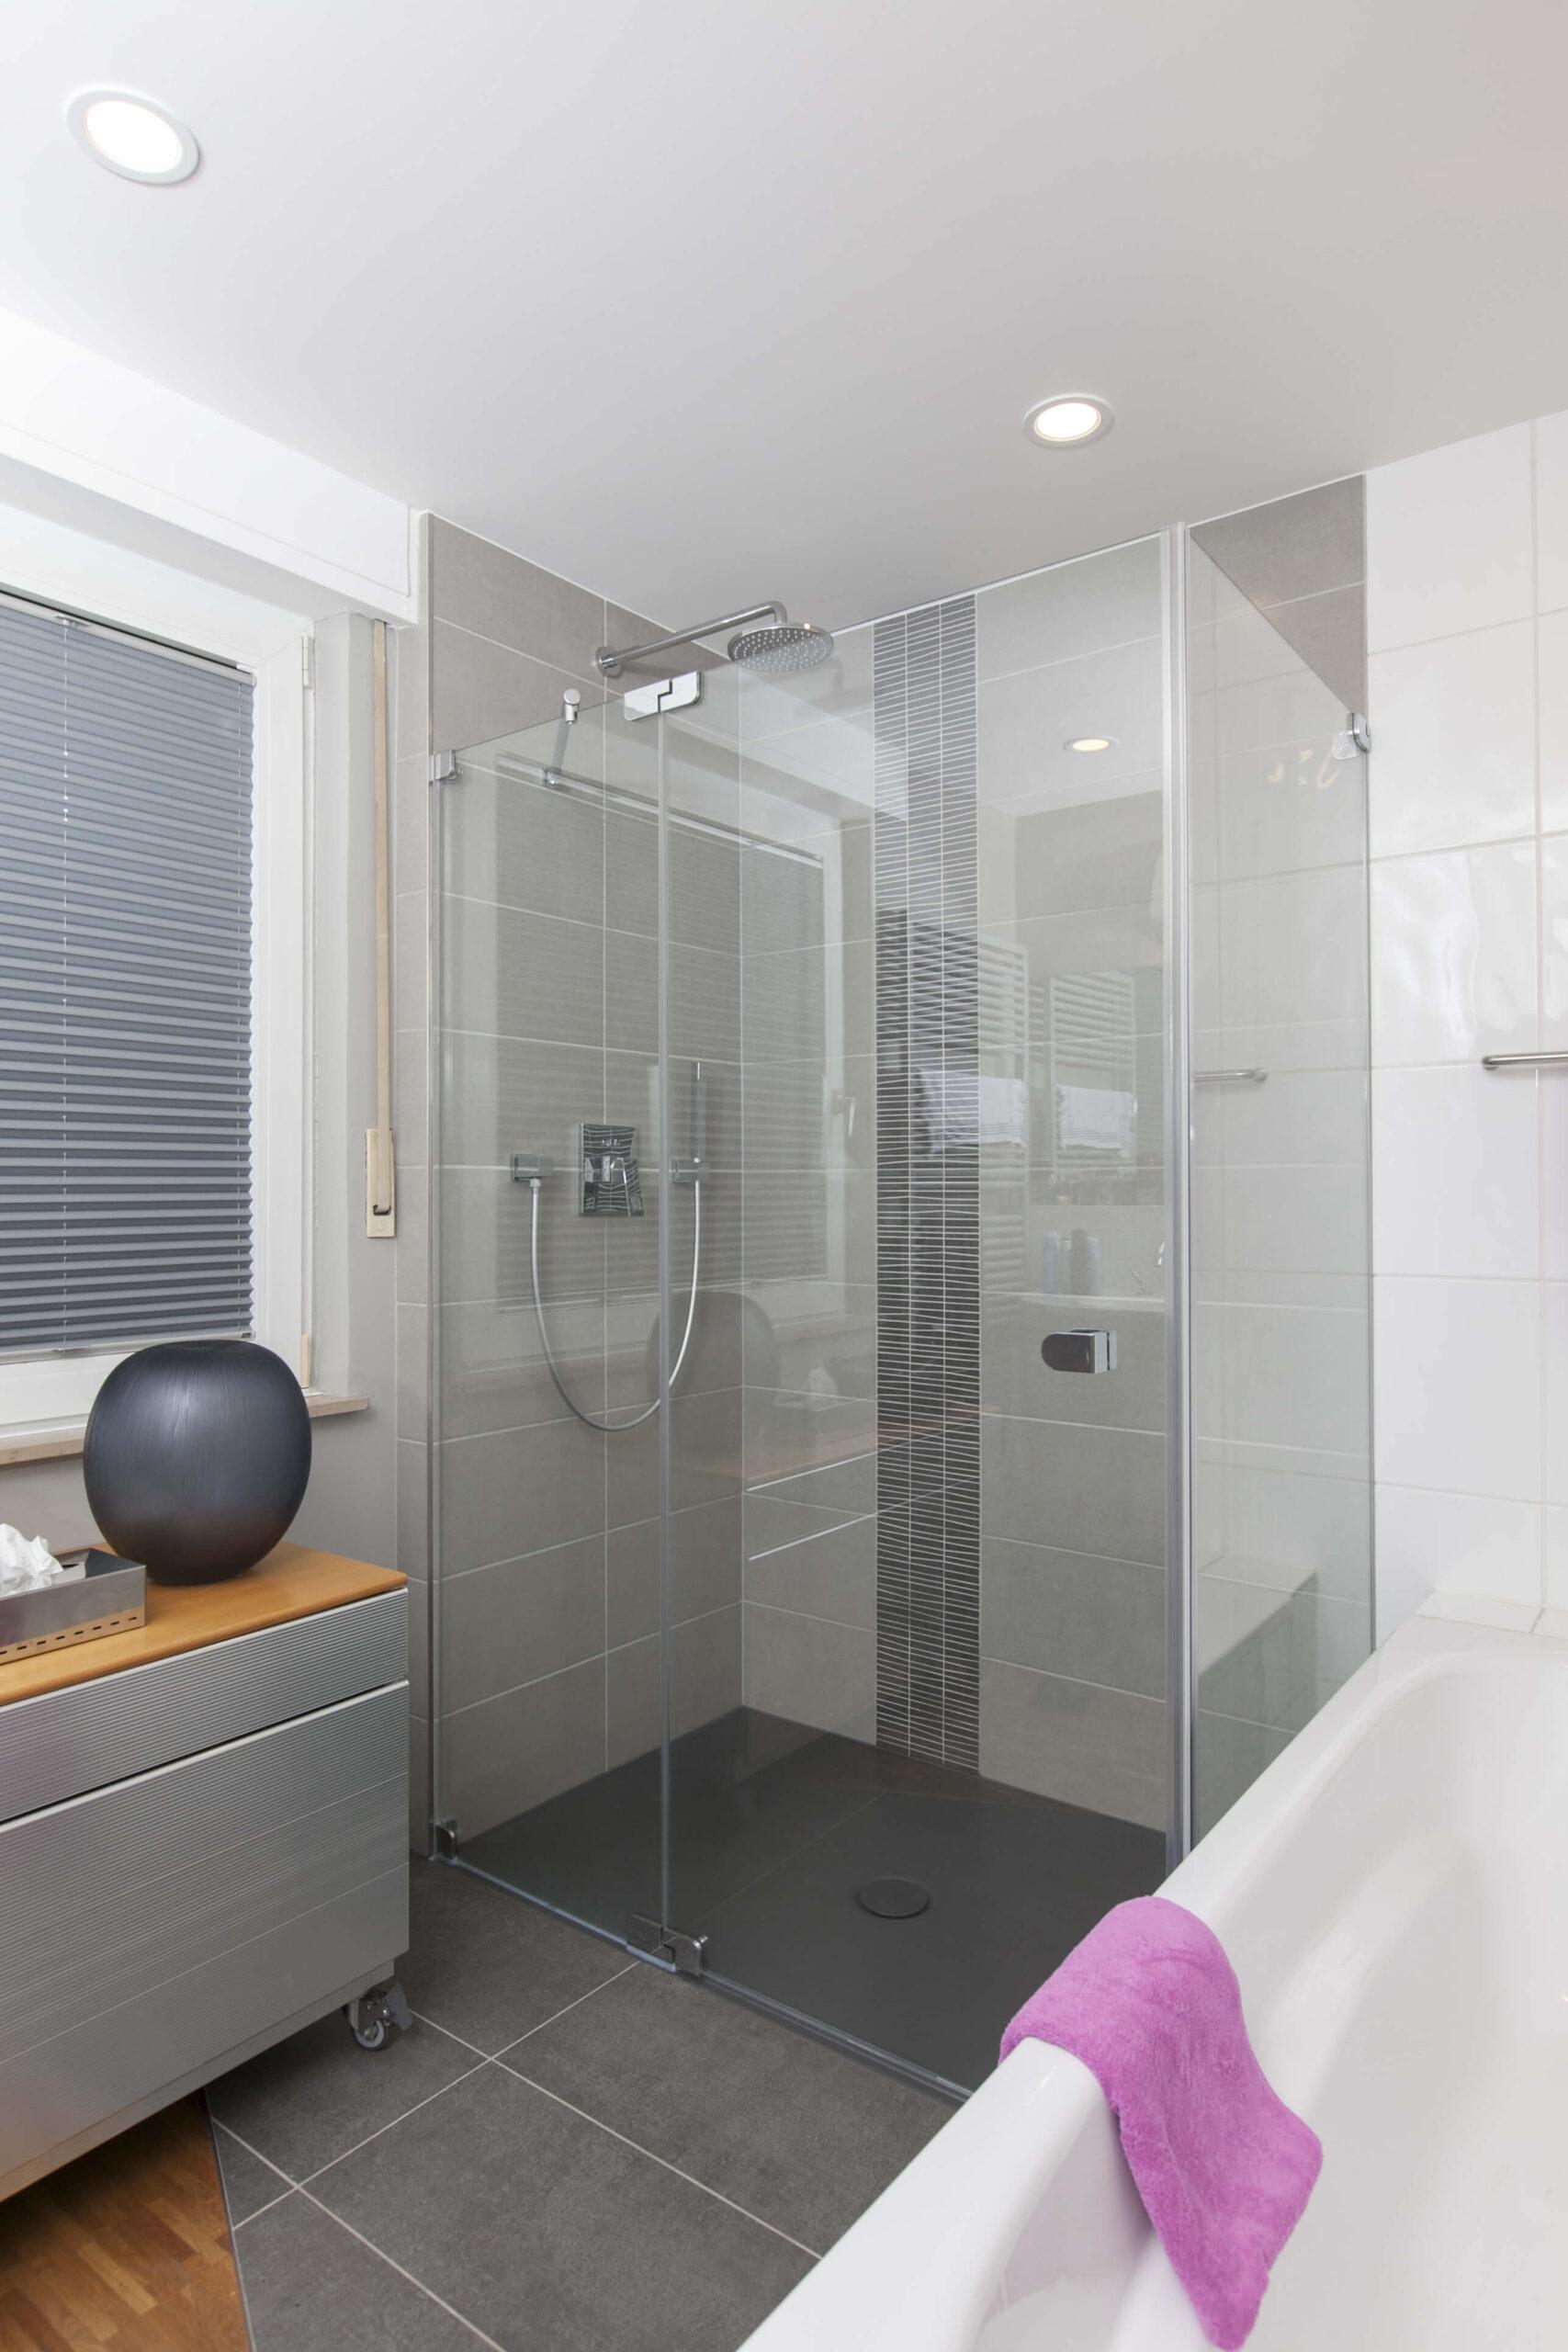 Full Size of Teilmodernisierung Dusche Badezimmer Kln Modernisierung Begehbare Haltegriff Ebenerdige Kosten Nischentür Koralle Glaswand Behindertengerechte Bodengleiche Dusche Barrierefreie Dusche